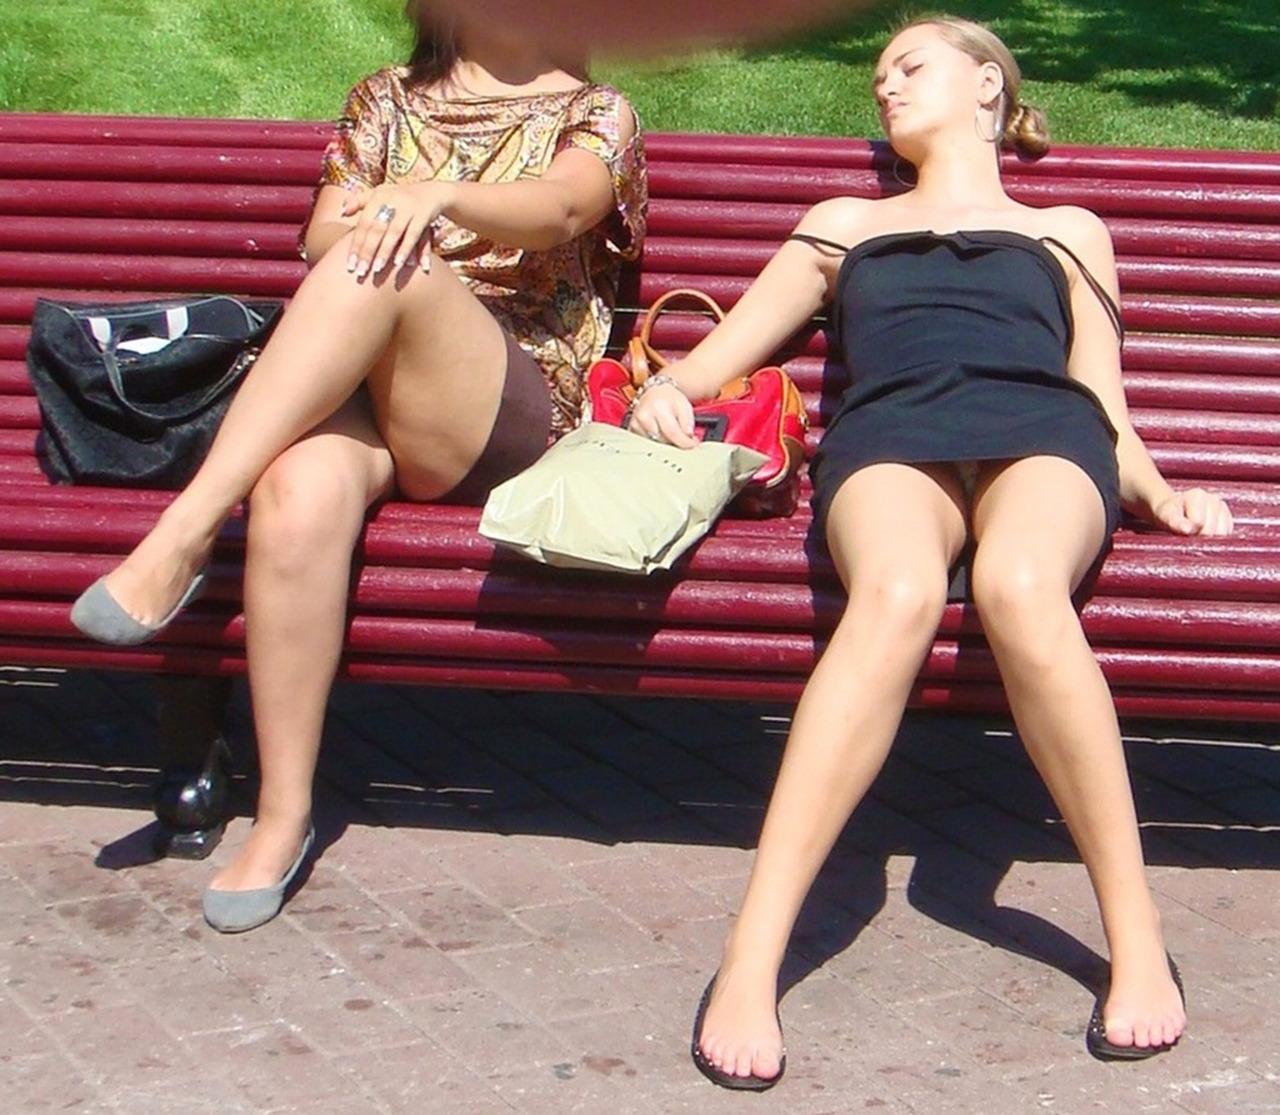 Voyeur women in the street